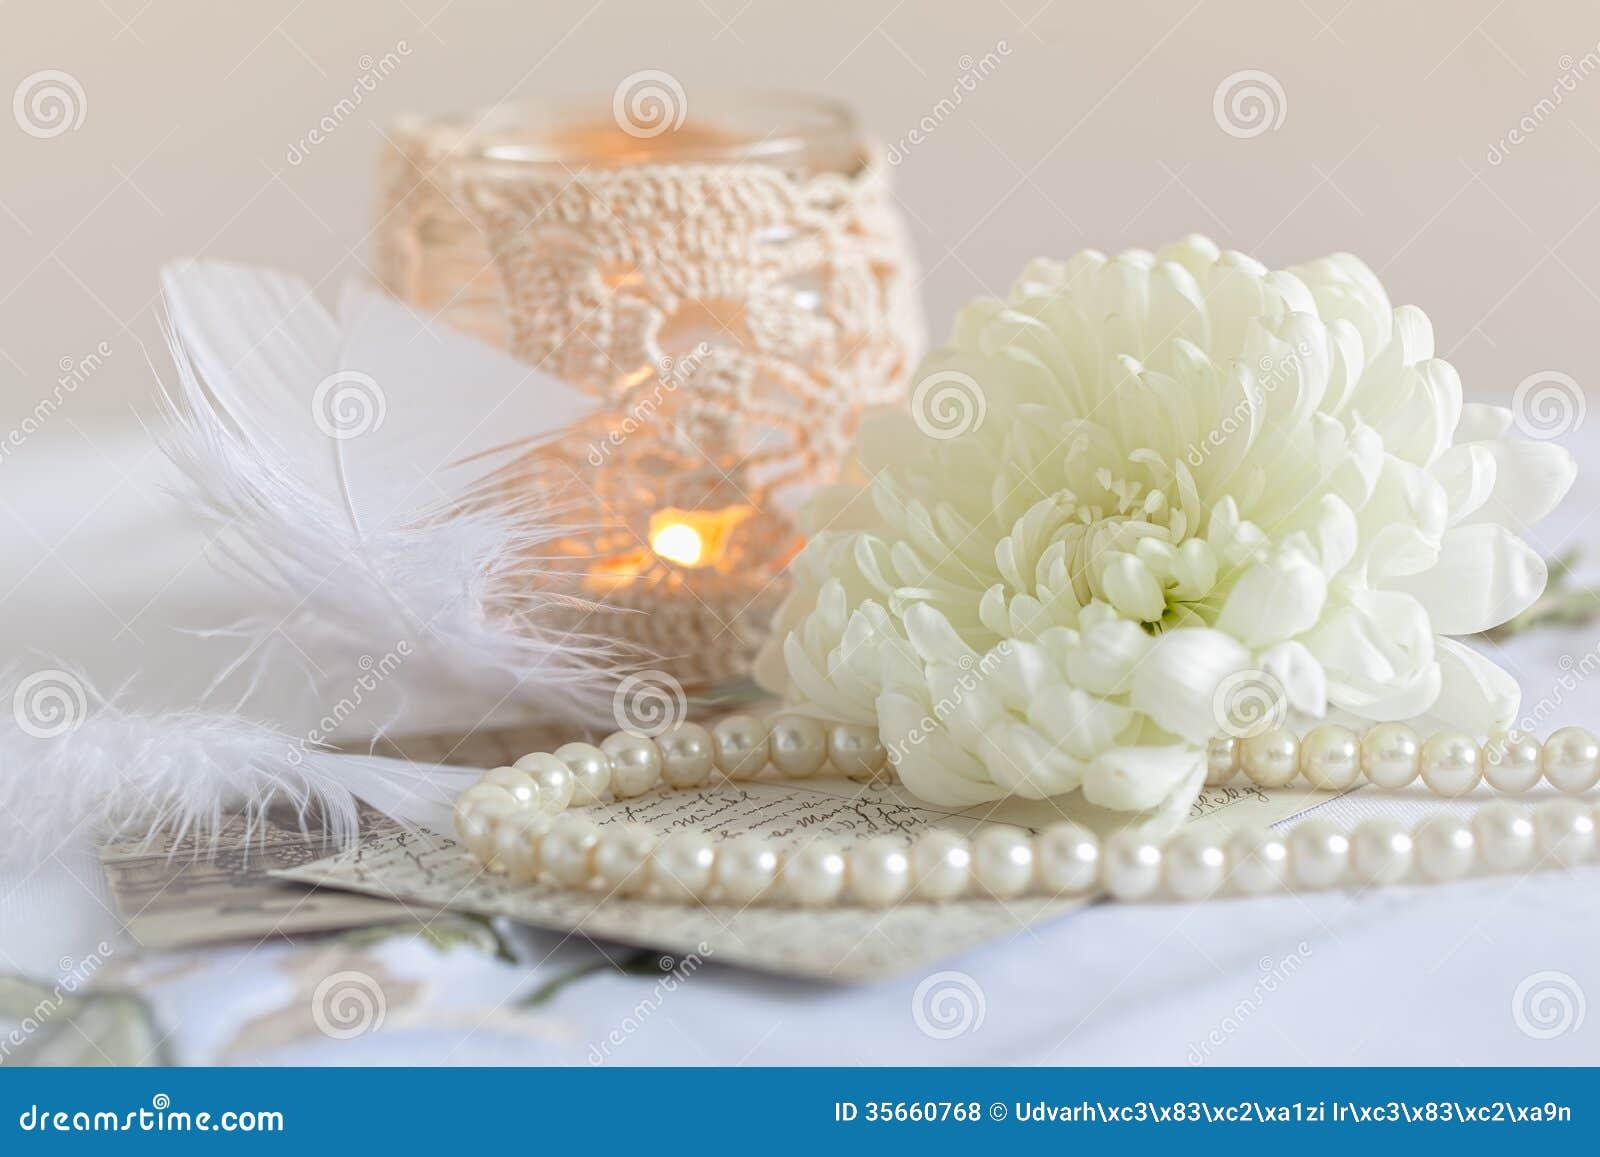 Perle Fleur Bougie Dentelle Et Vieilles Lettres Photo